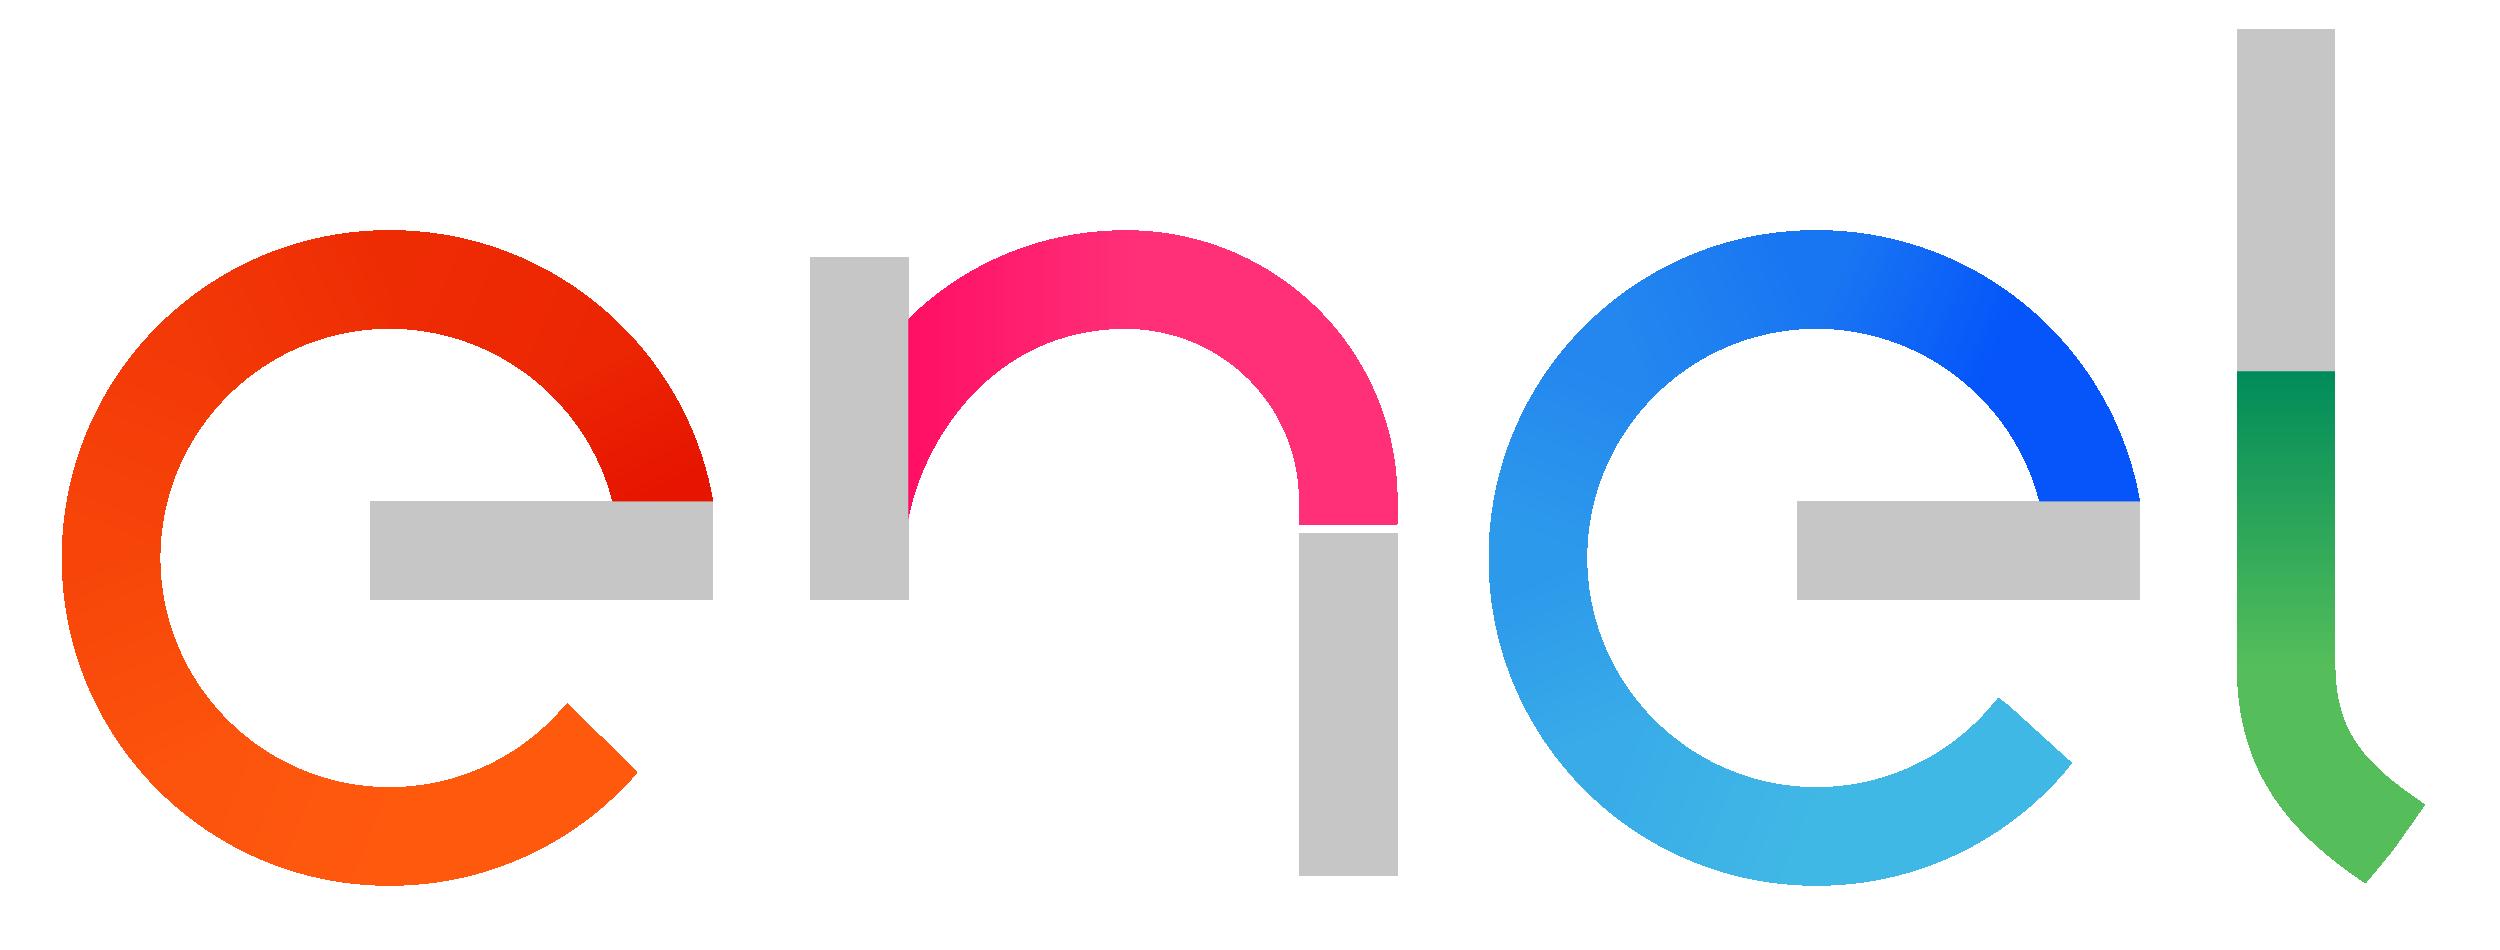 Enel Logos Download